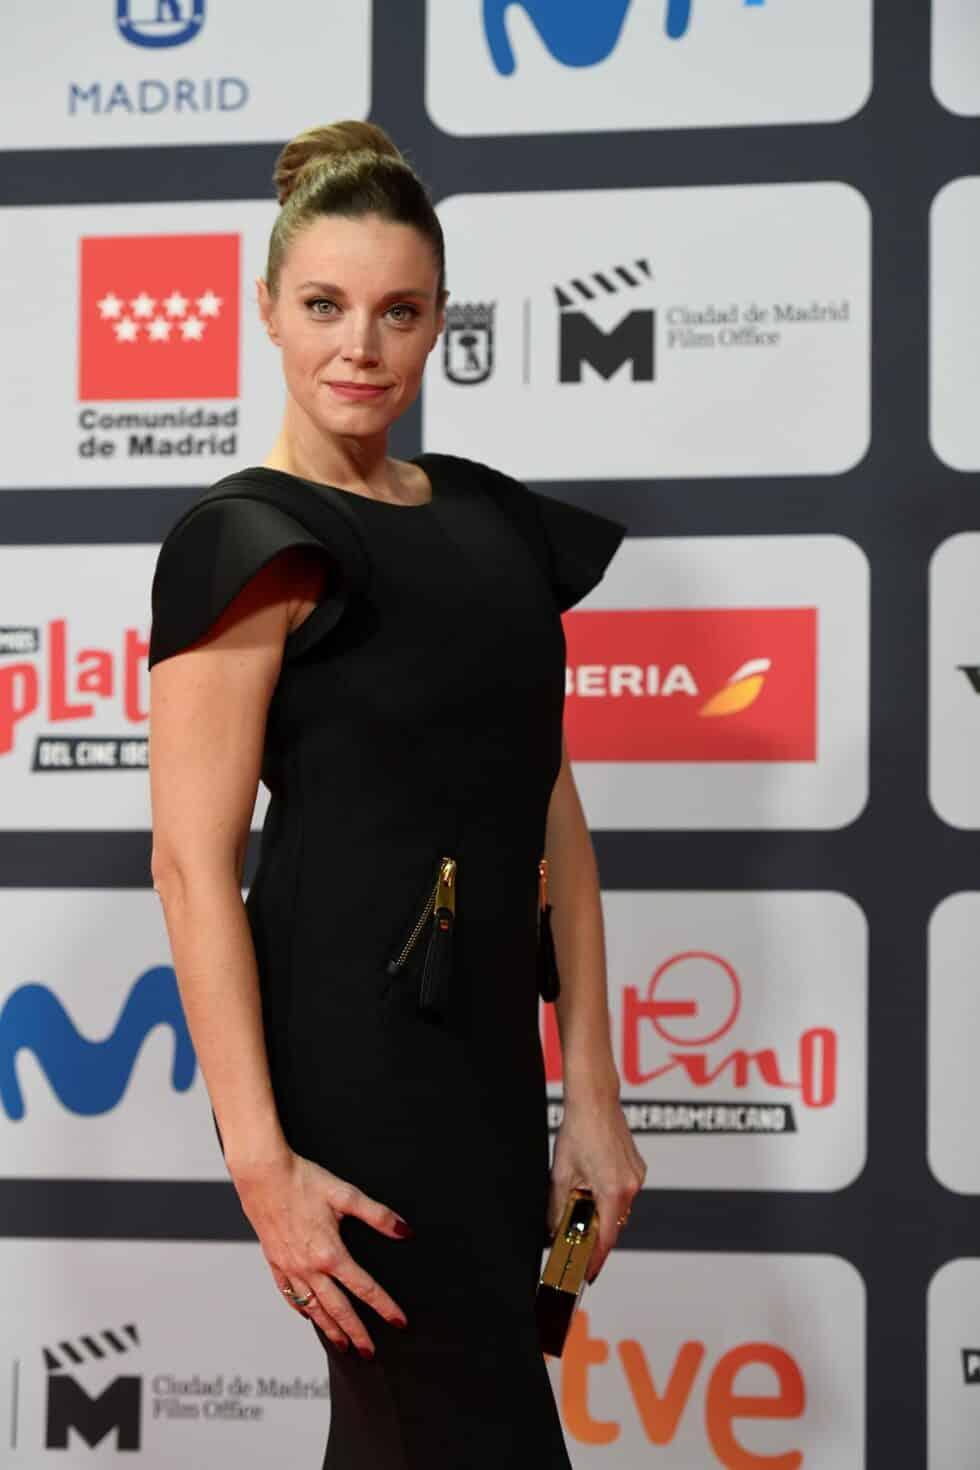 La actriz Carolina Bang, a su llegada a la ceremonia de entrega de los Premios Platino del Cine y el Audiovisual Iberoamericano que se celebra este domingo en Madrid